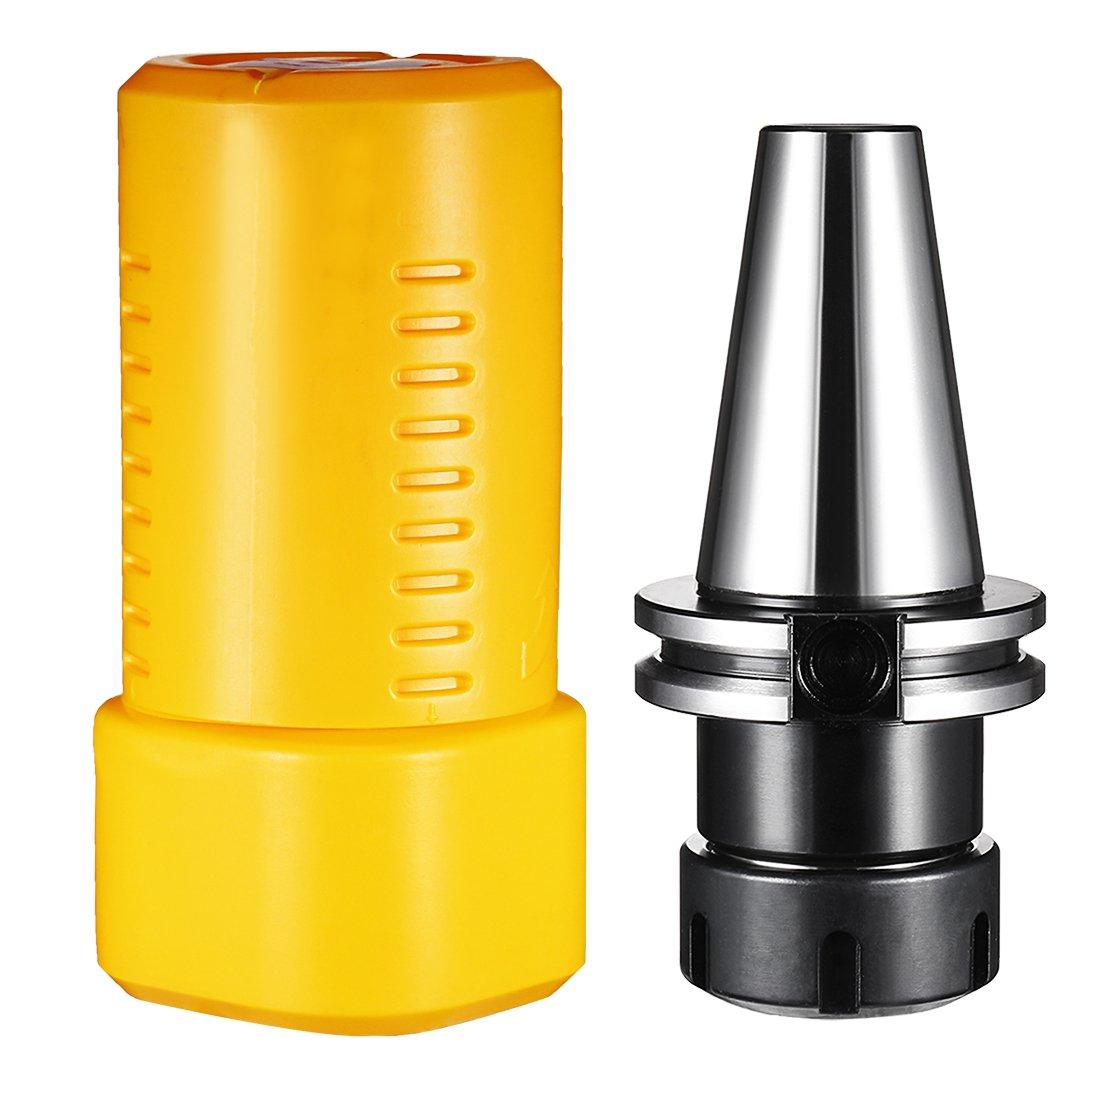 uxcell 1//32-5//8 Keyless Drill Chuck Self-Tighten JT6 Mounted a17122500ux0297